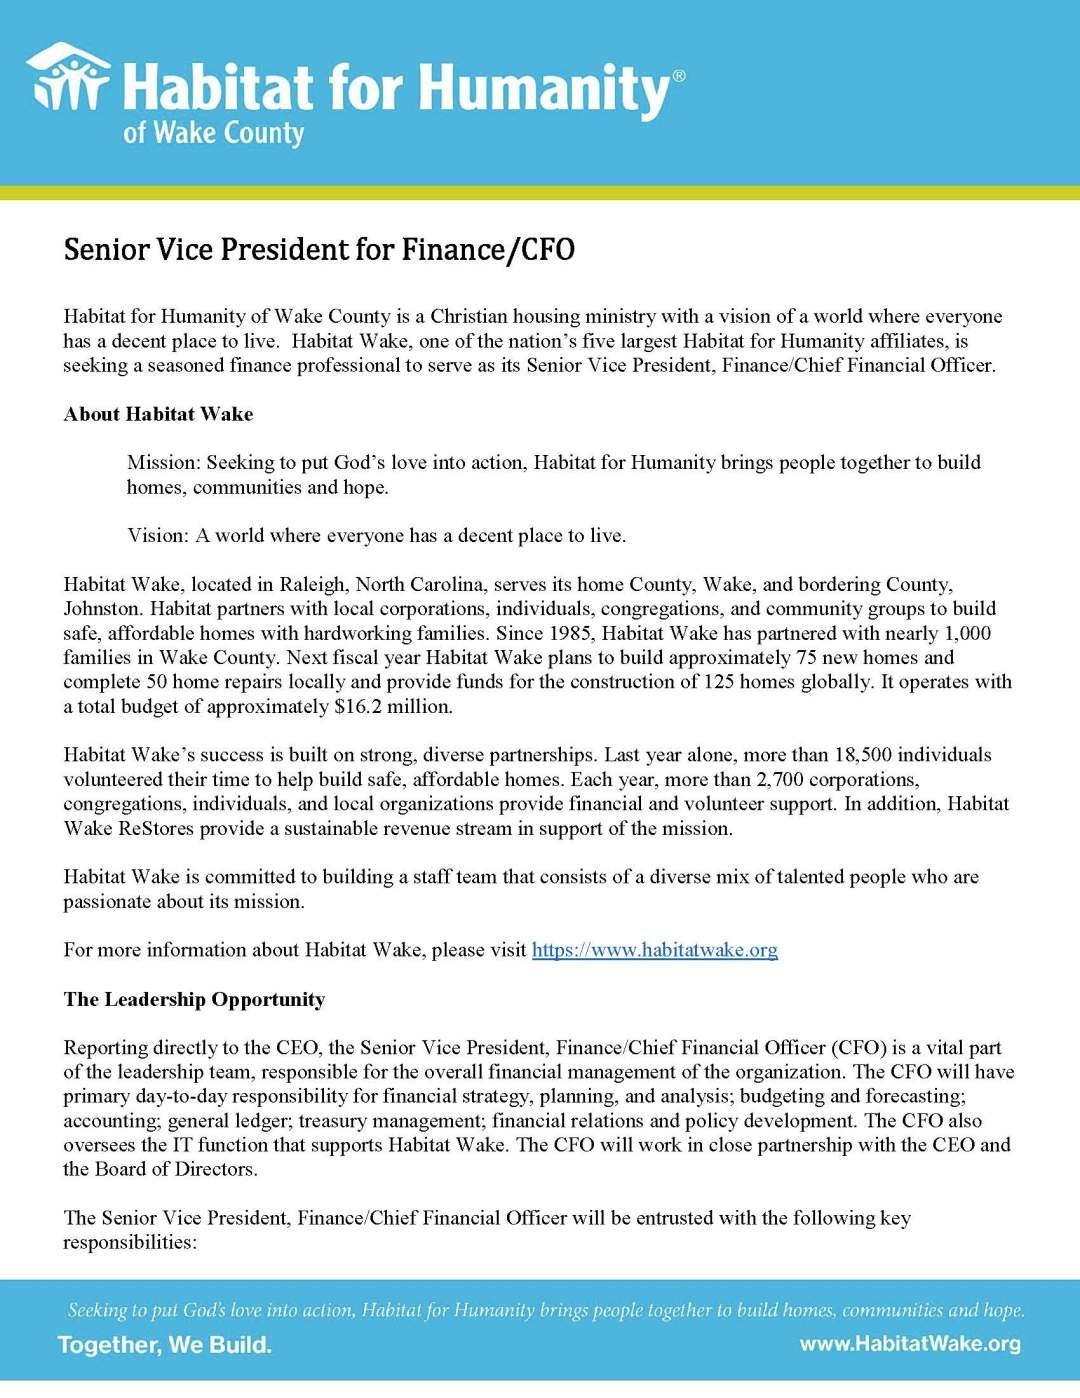 Senior Vice President for Finance/CFO – Habitat for Humanity of Wake